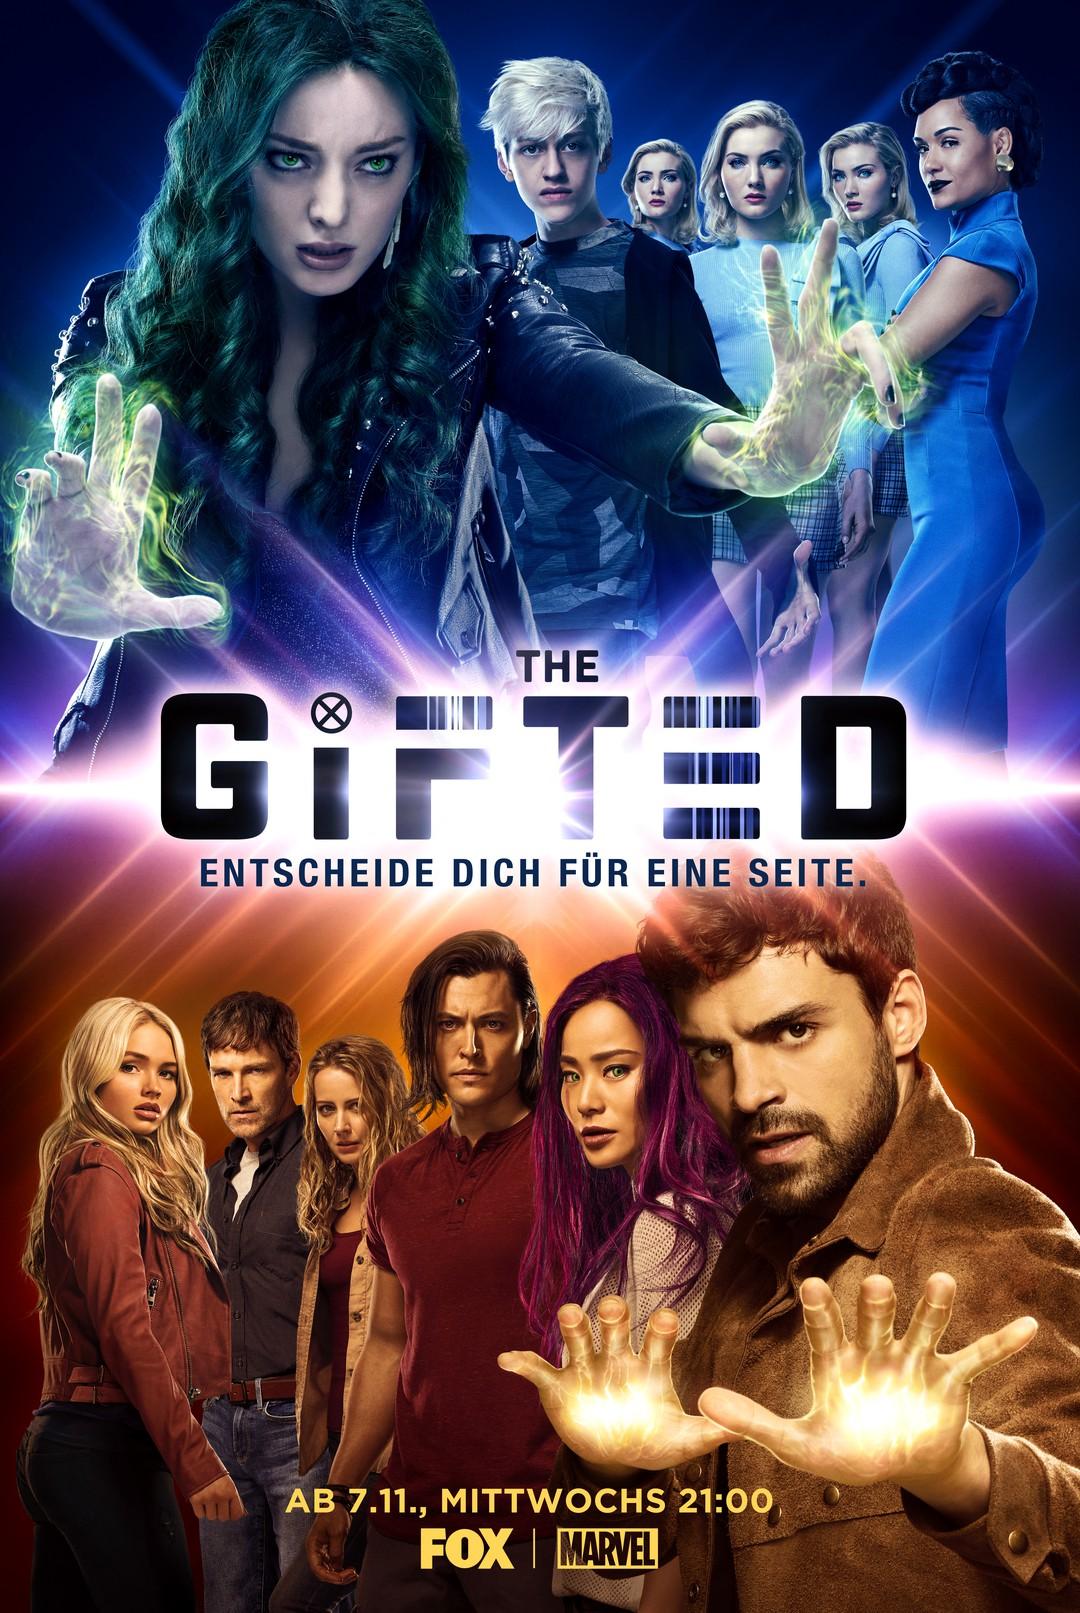 The Gifted S2 - Trailer und TV-Starttermin - Bild 1 von 24